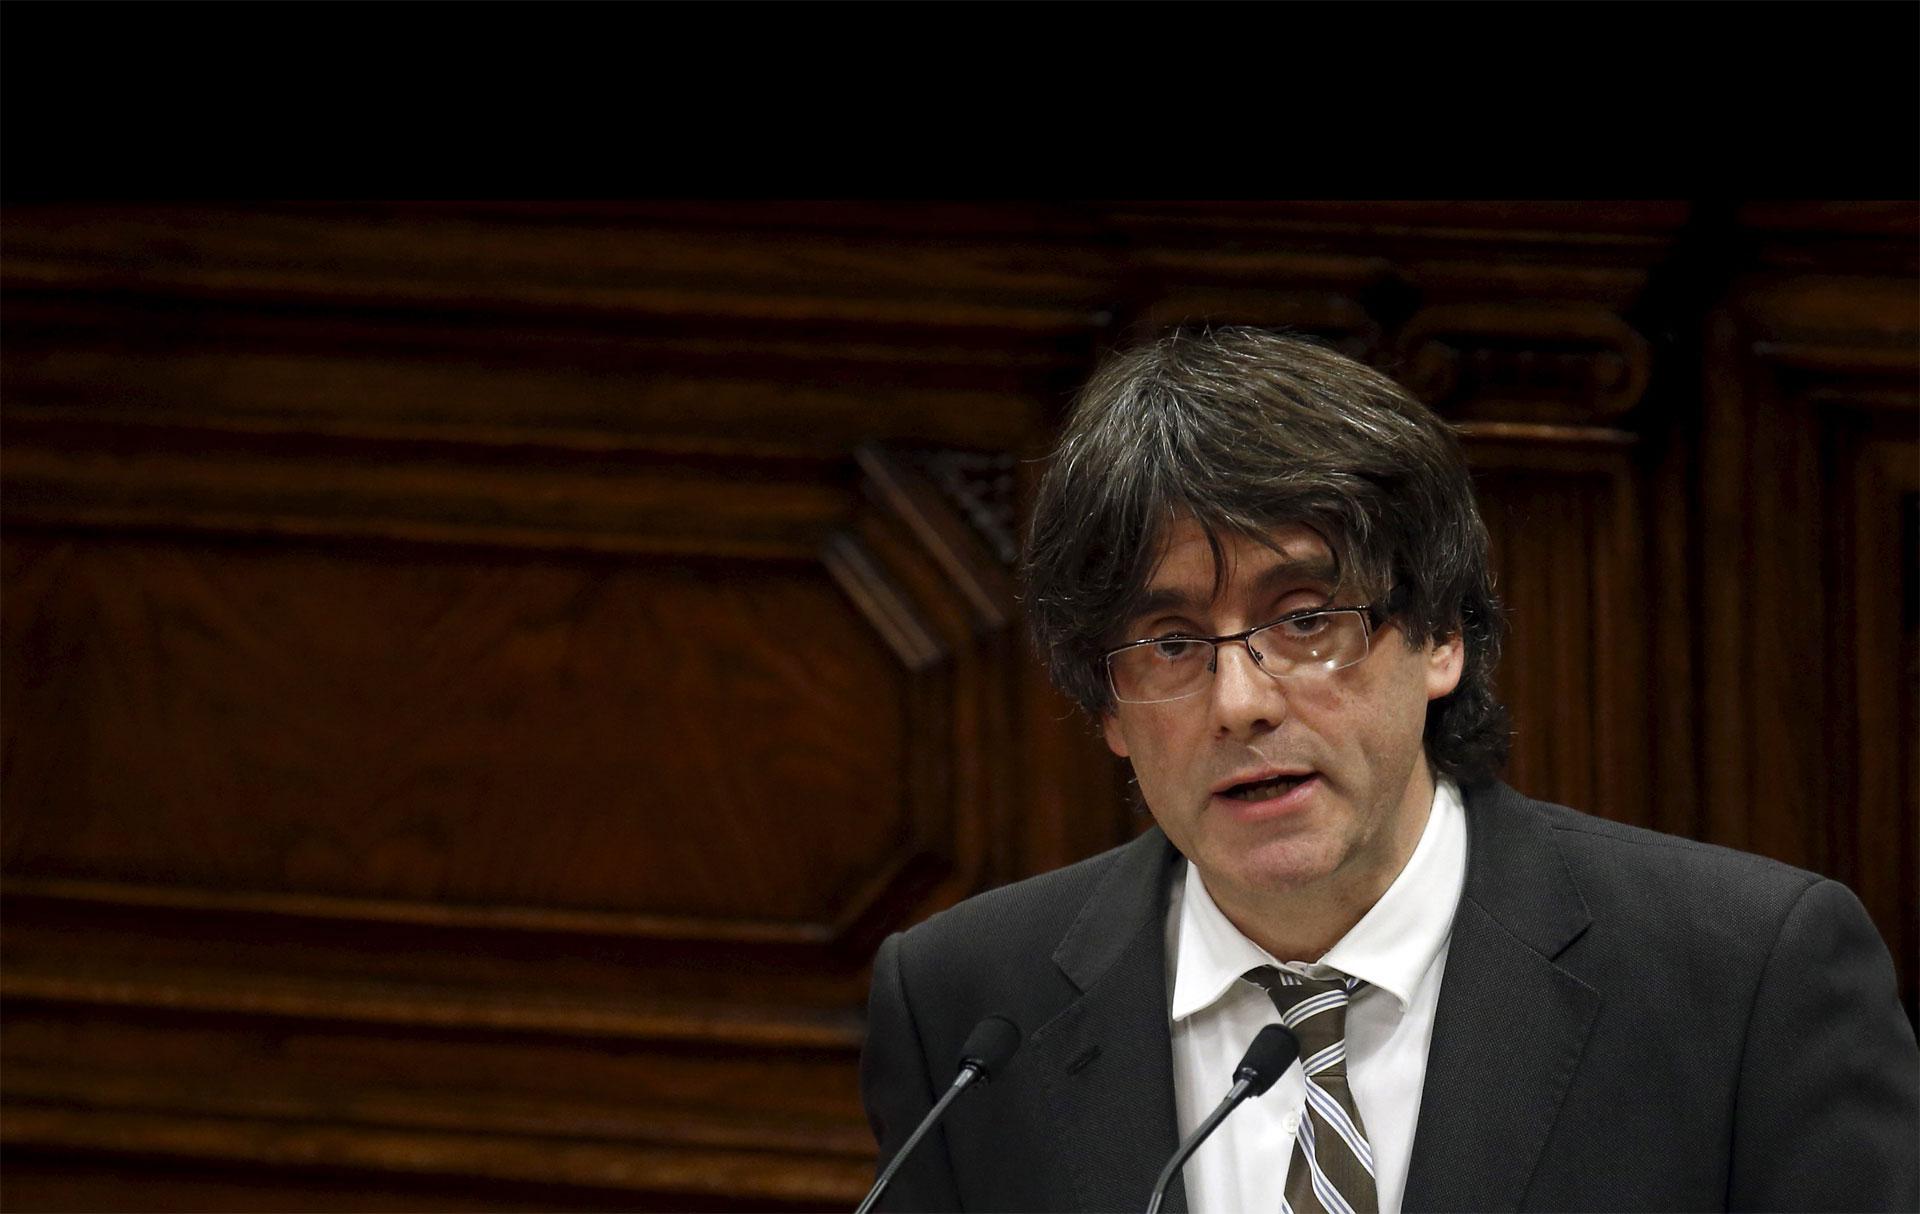 Carles Puigdemont se comprometió a impulsar la ruptura de Cataluña con España